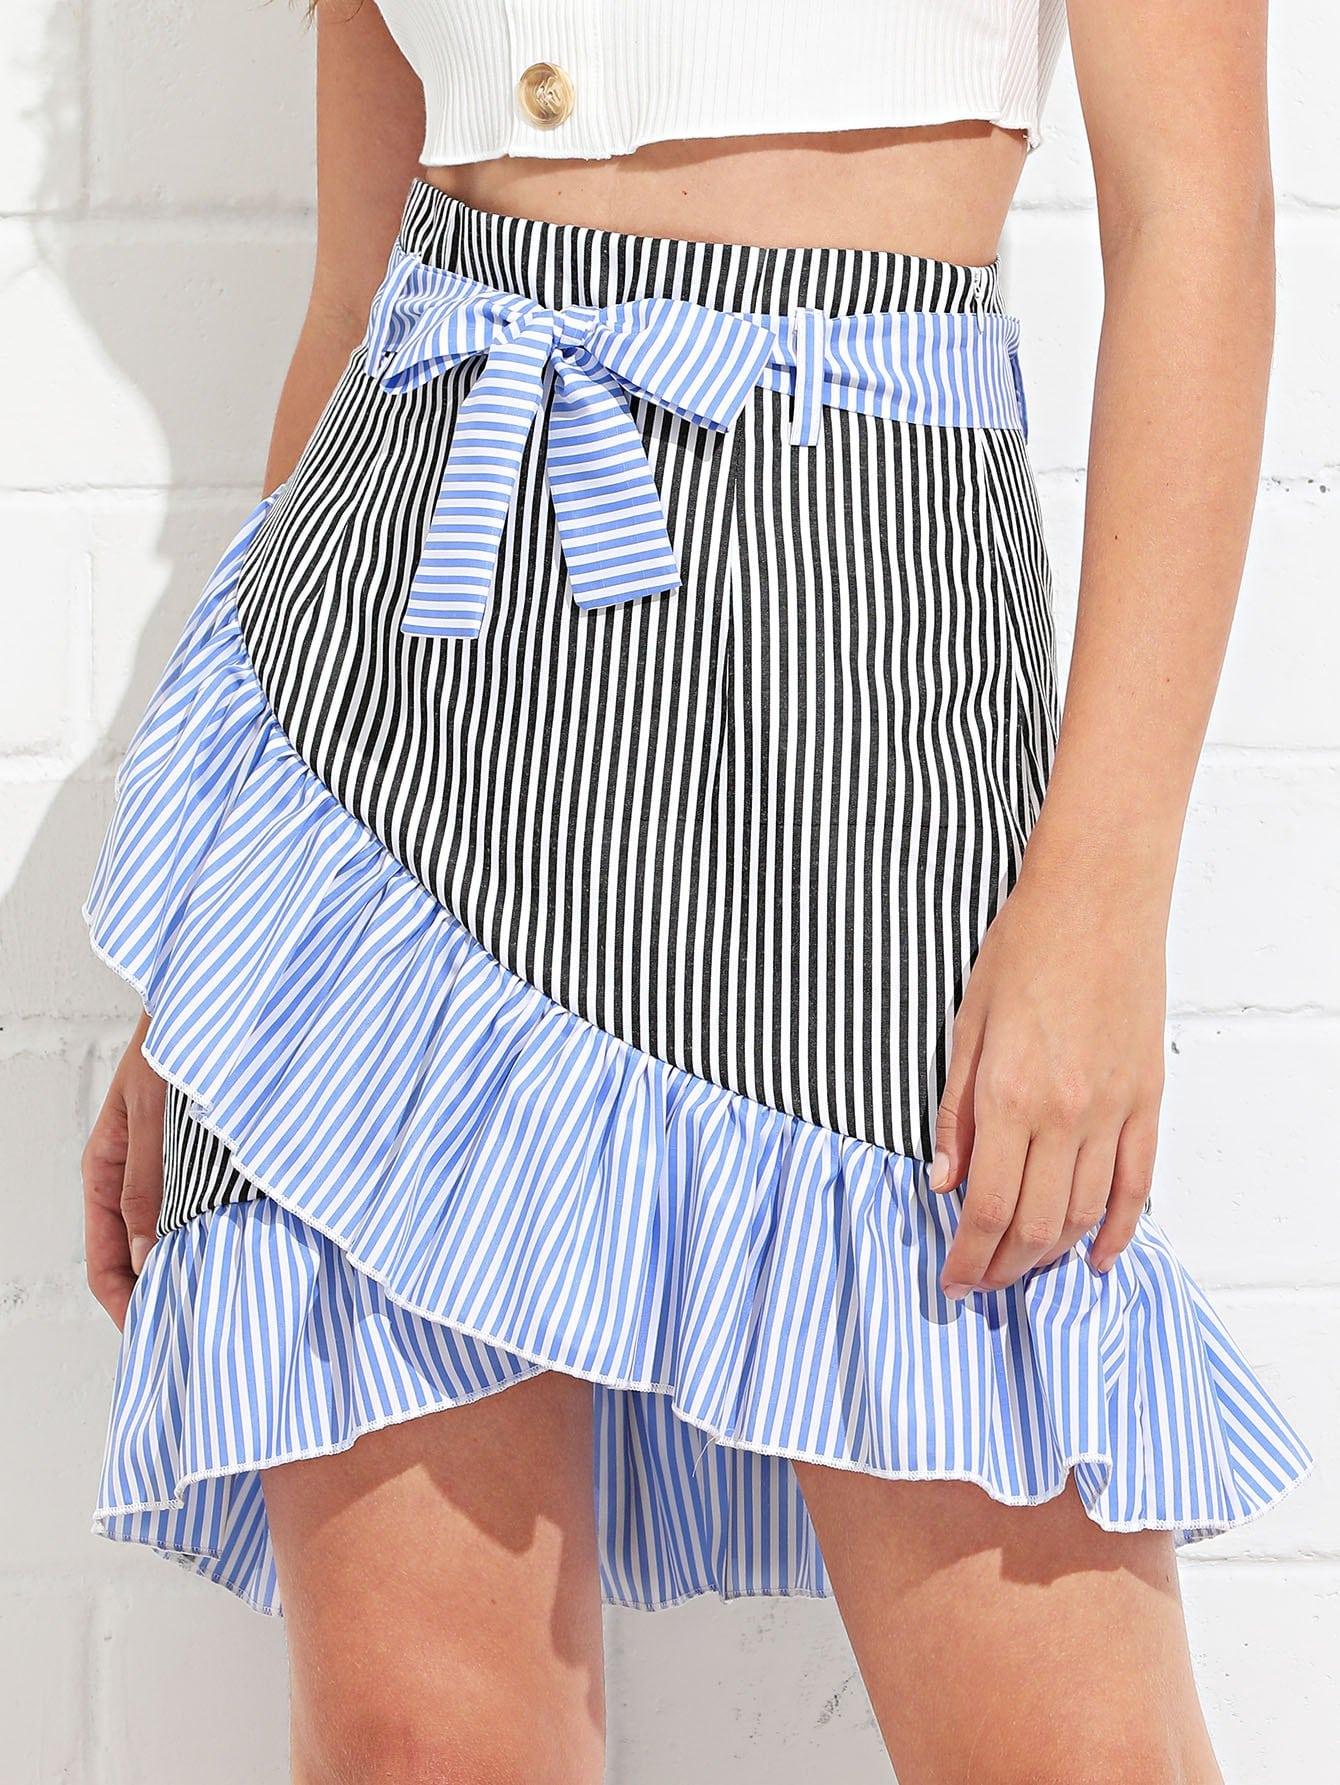 Ruffle Trim Self Tie Waist Striped Skirt self belted ruffle waist pinstripe skirt